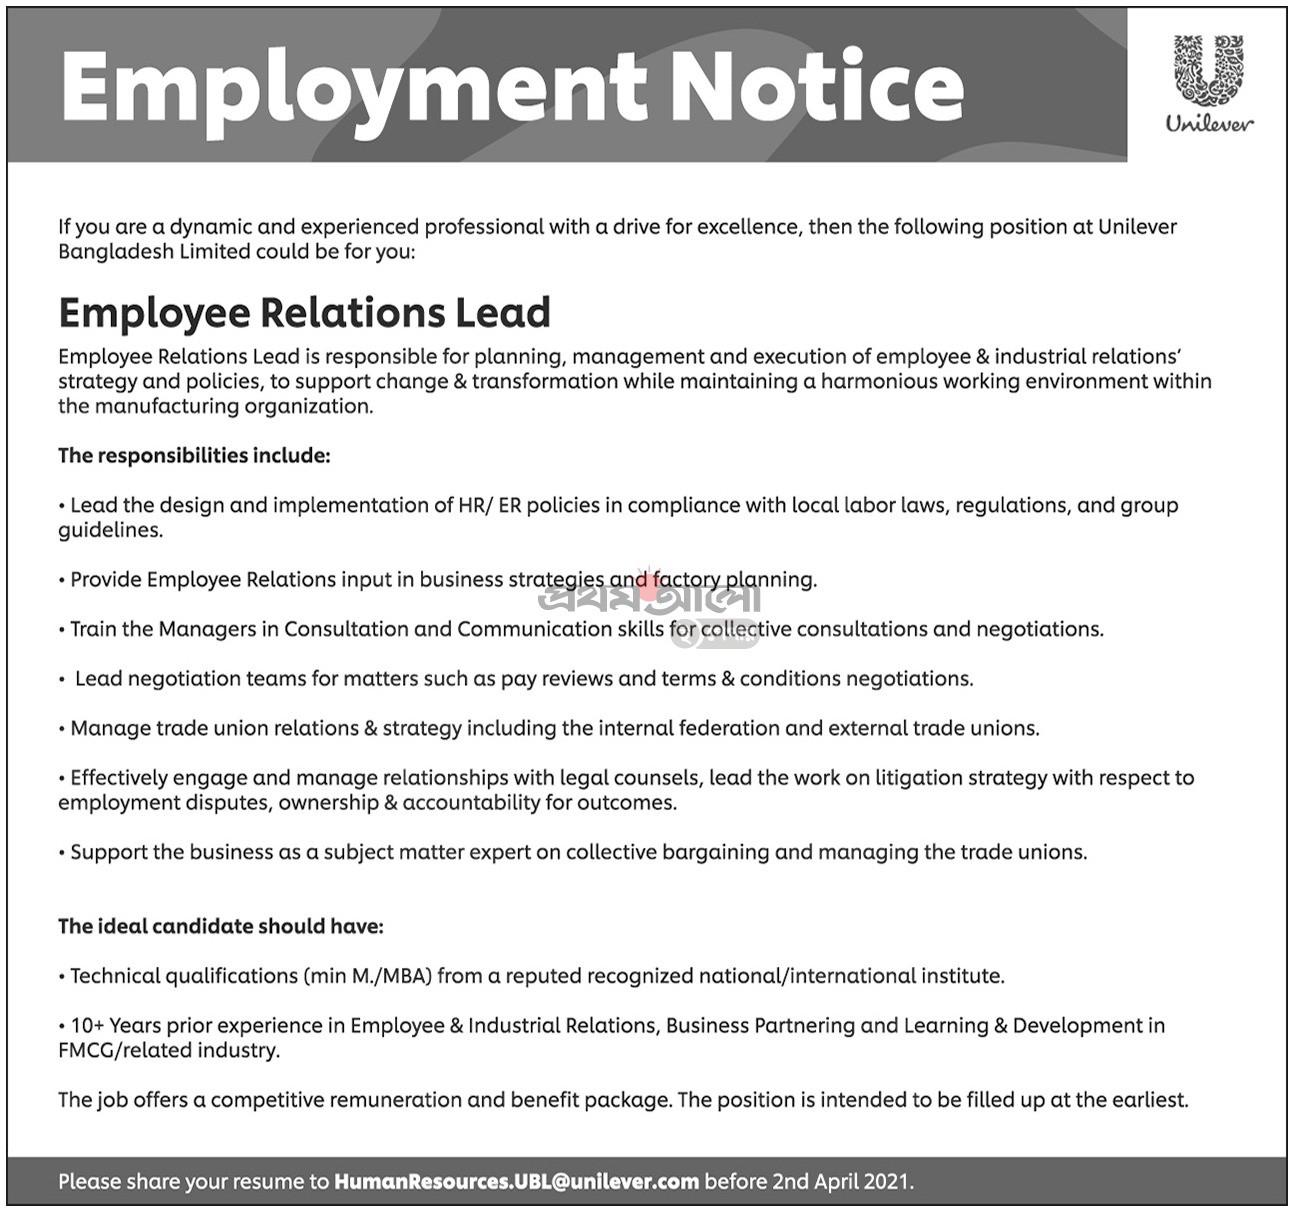 ইউনিলিভার বাংলাদেশ লিমিটেড নতুন নিয়োগ বিজ্ঞপ্তি ২০২১ - Unilever Bangladesh job Circular 2021 - বিডি জব মিডিয়া